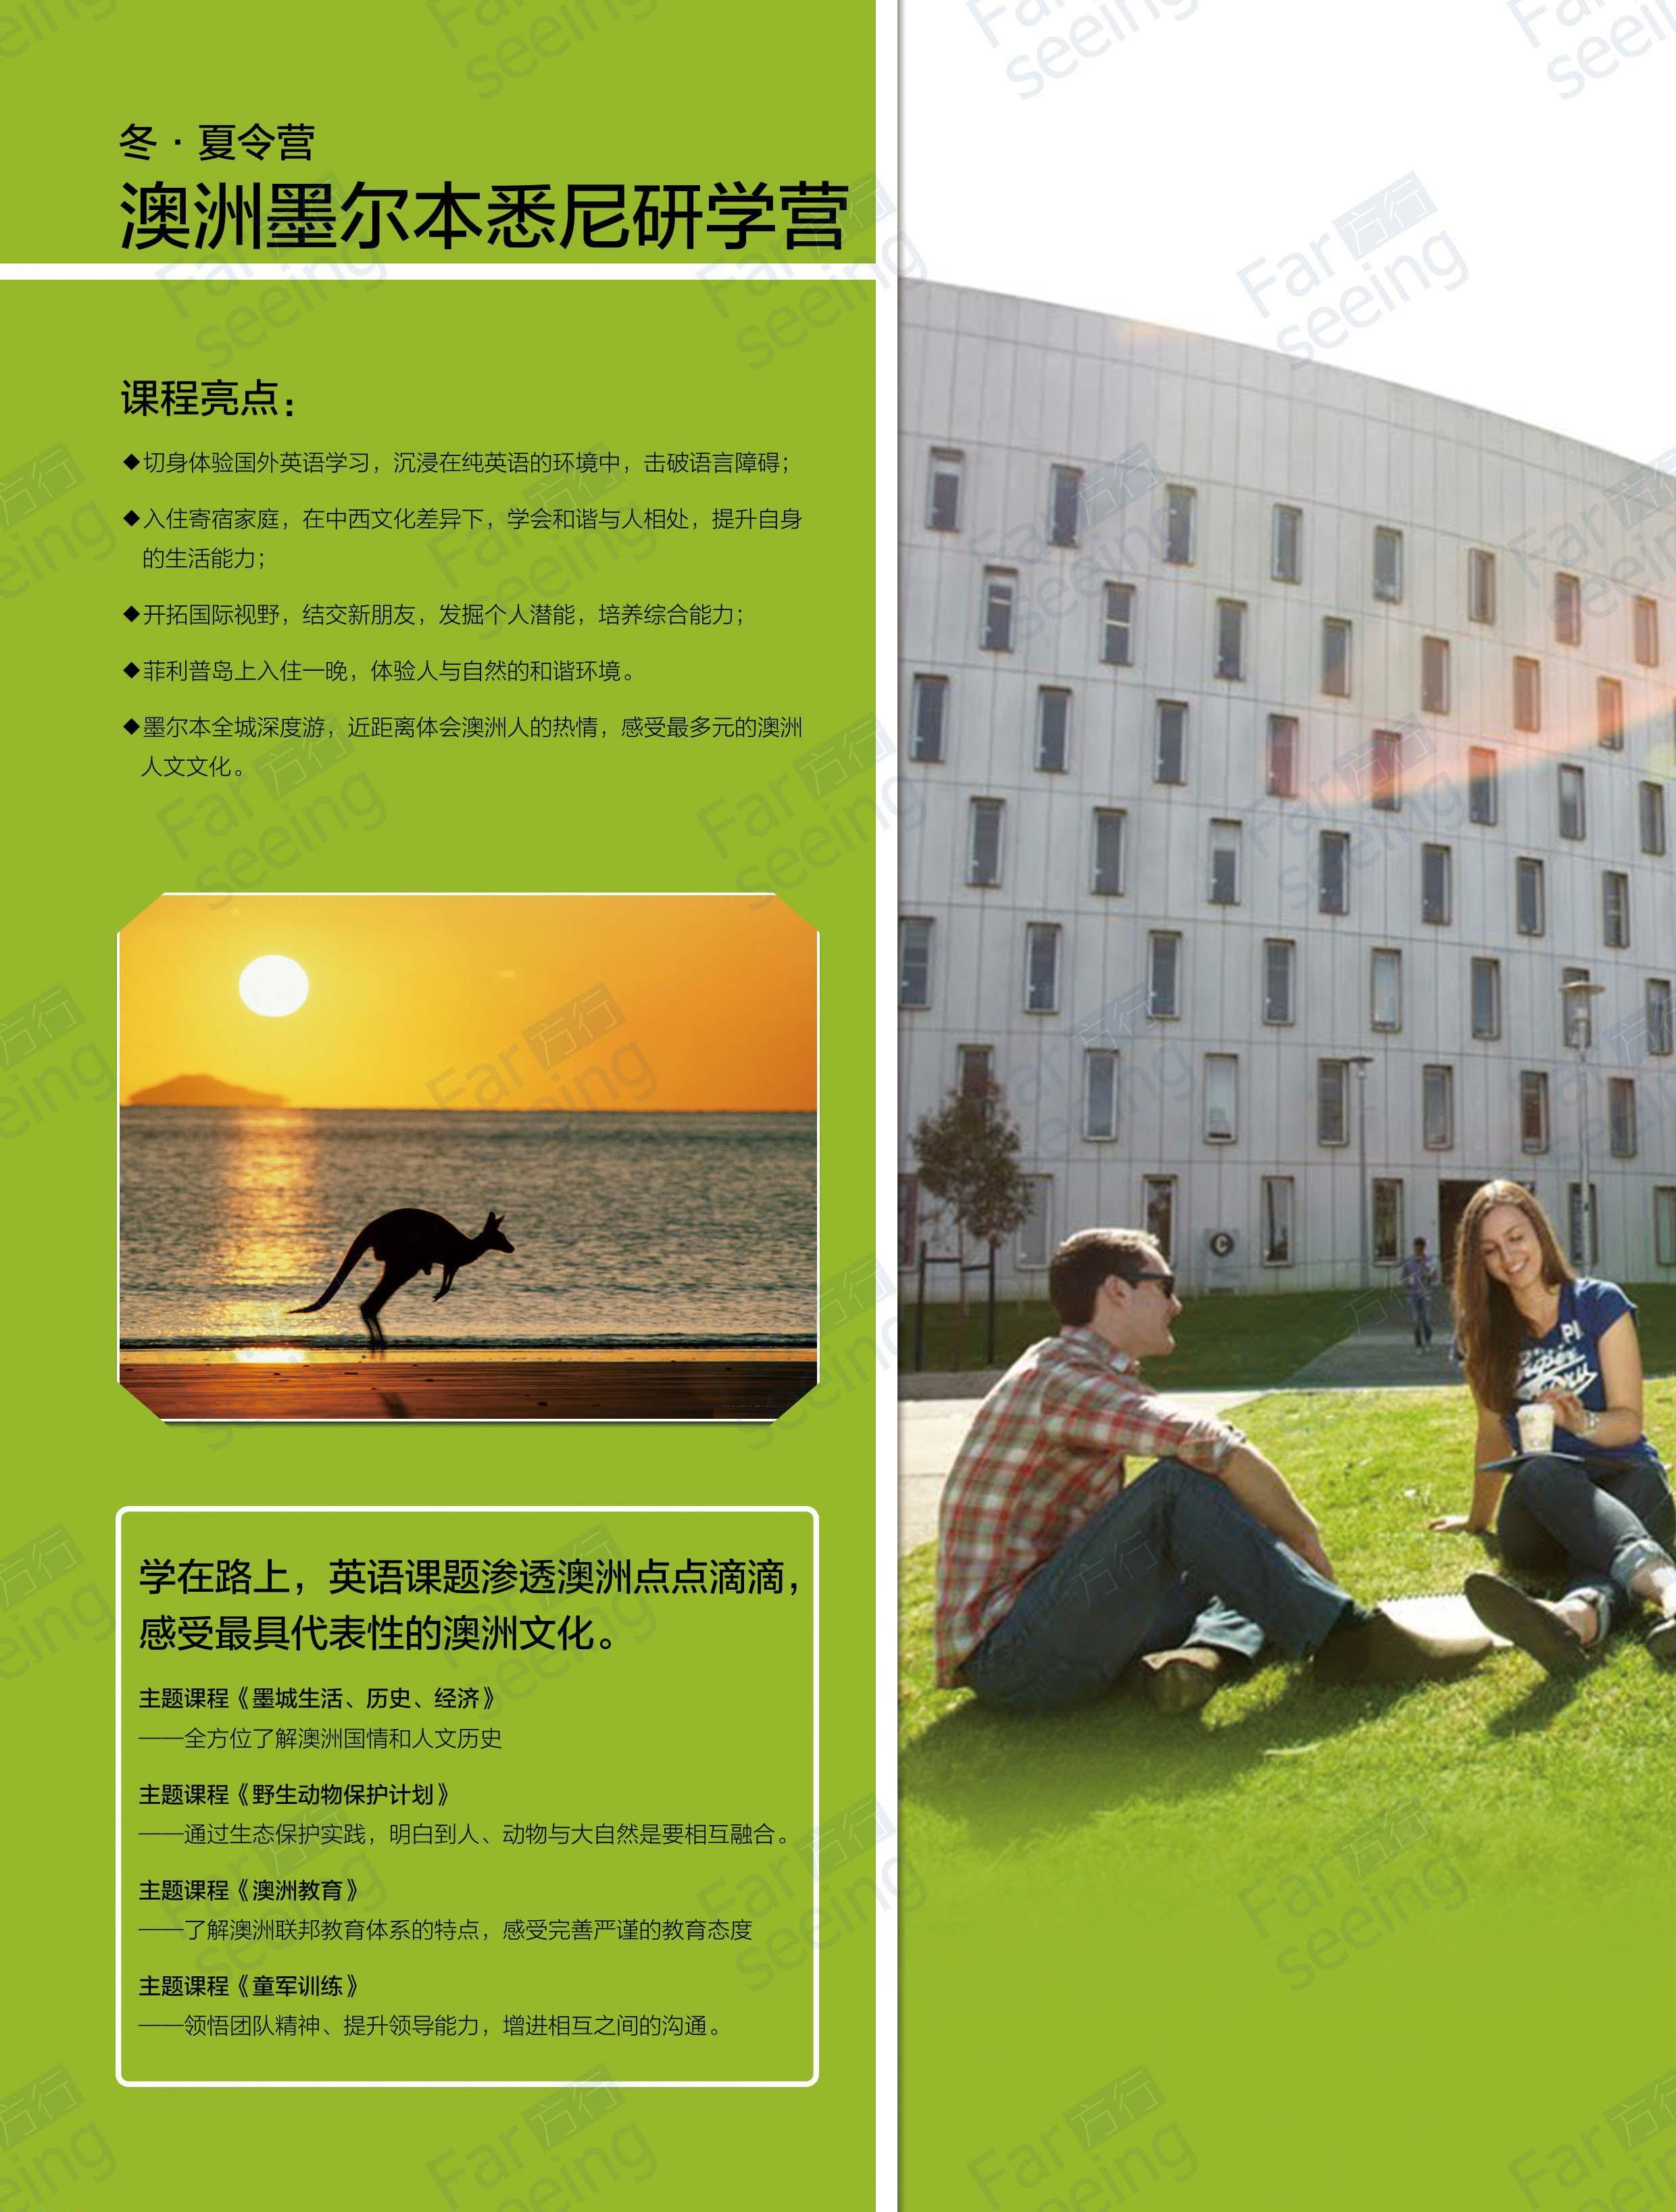 游学产品手册对外版_页面_44.jpg